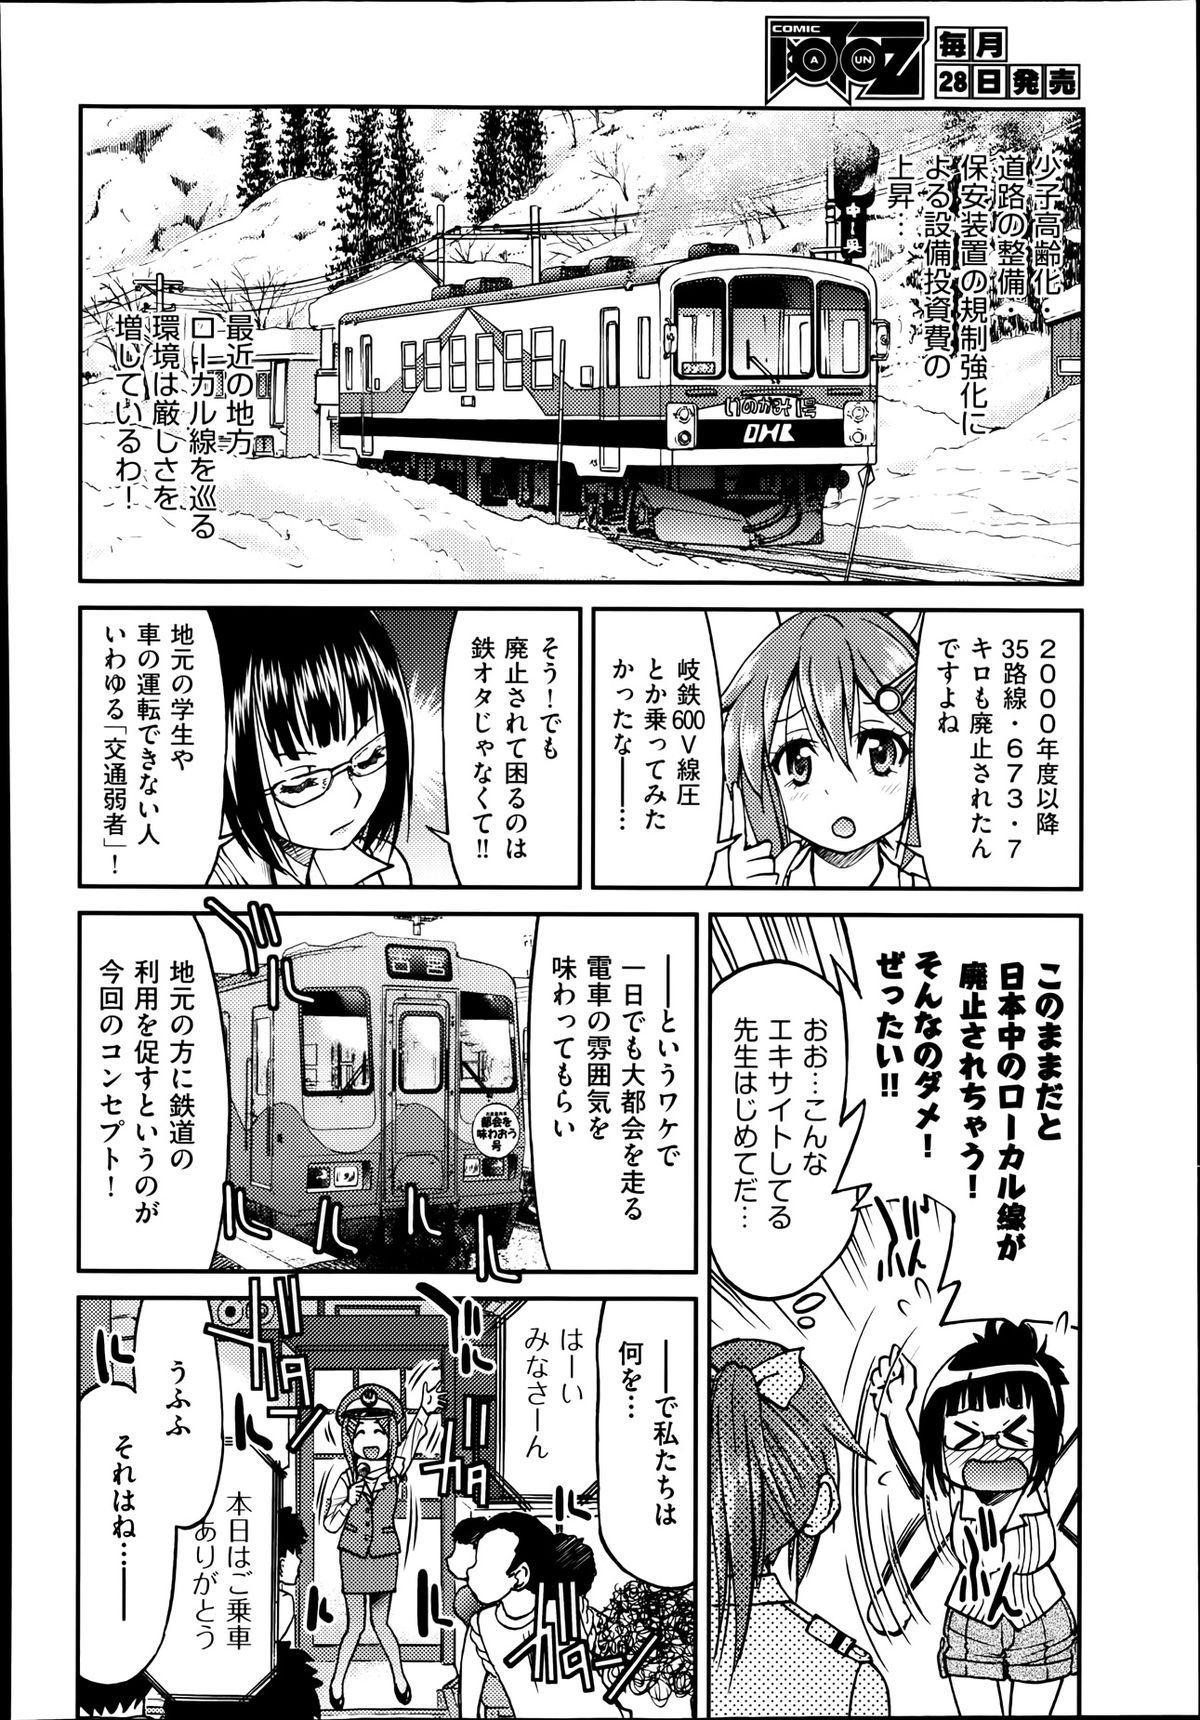 [Inoue Yoshihisa] Joshitetsu -Girls railway Geek- Ch.1-7 150